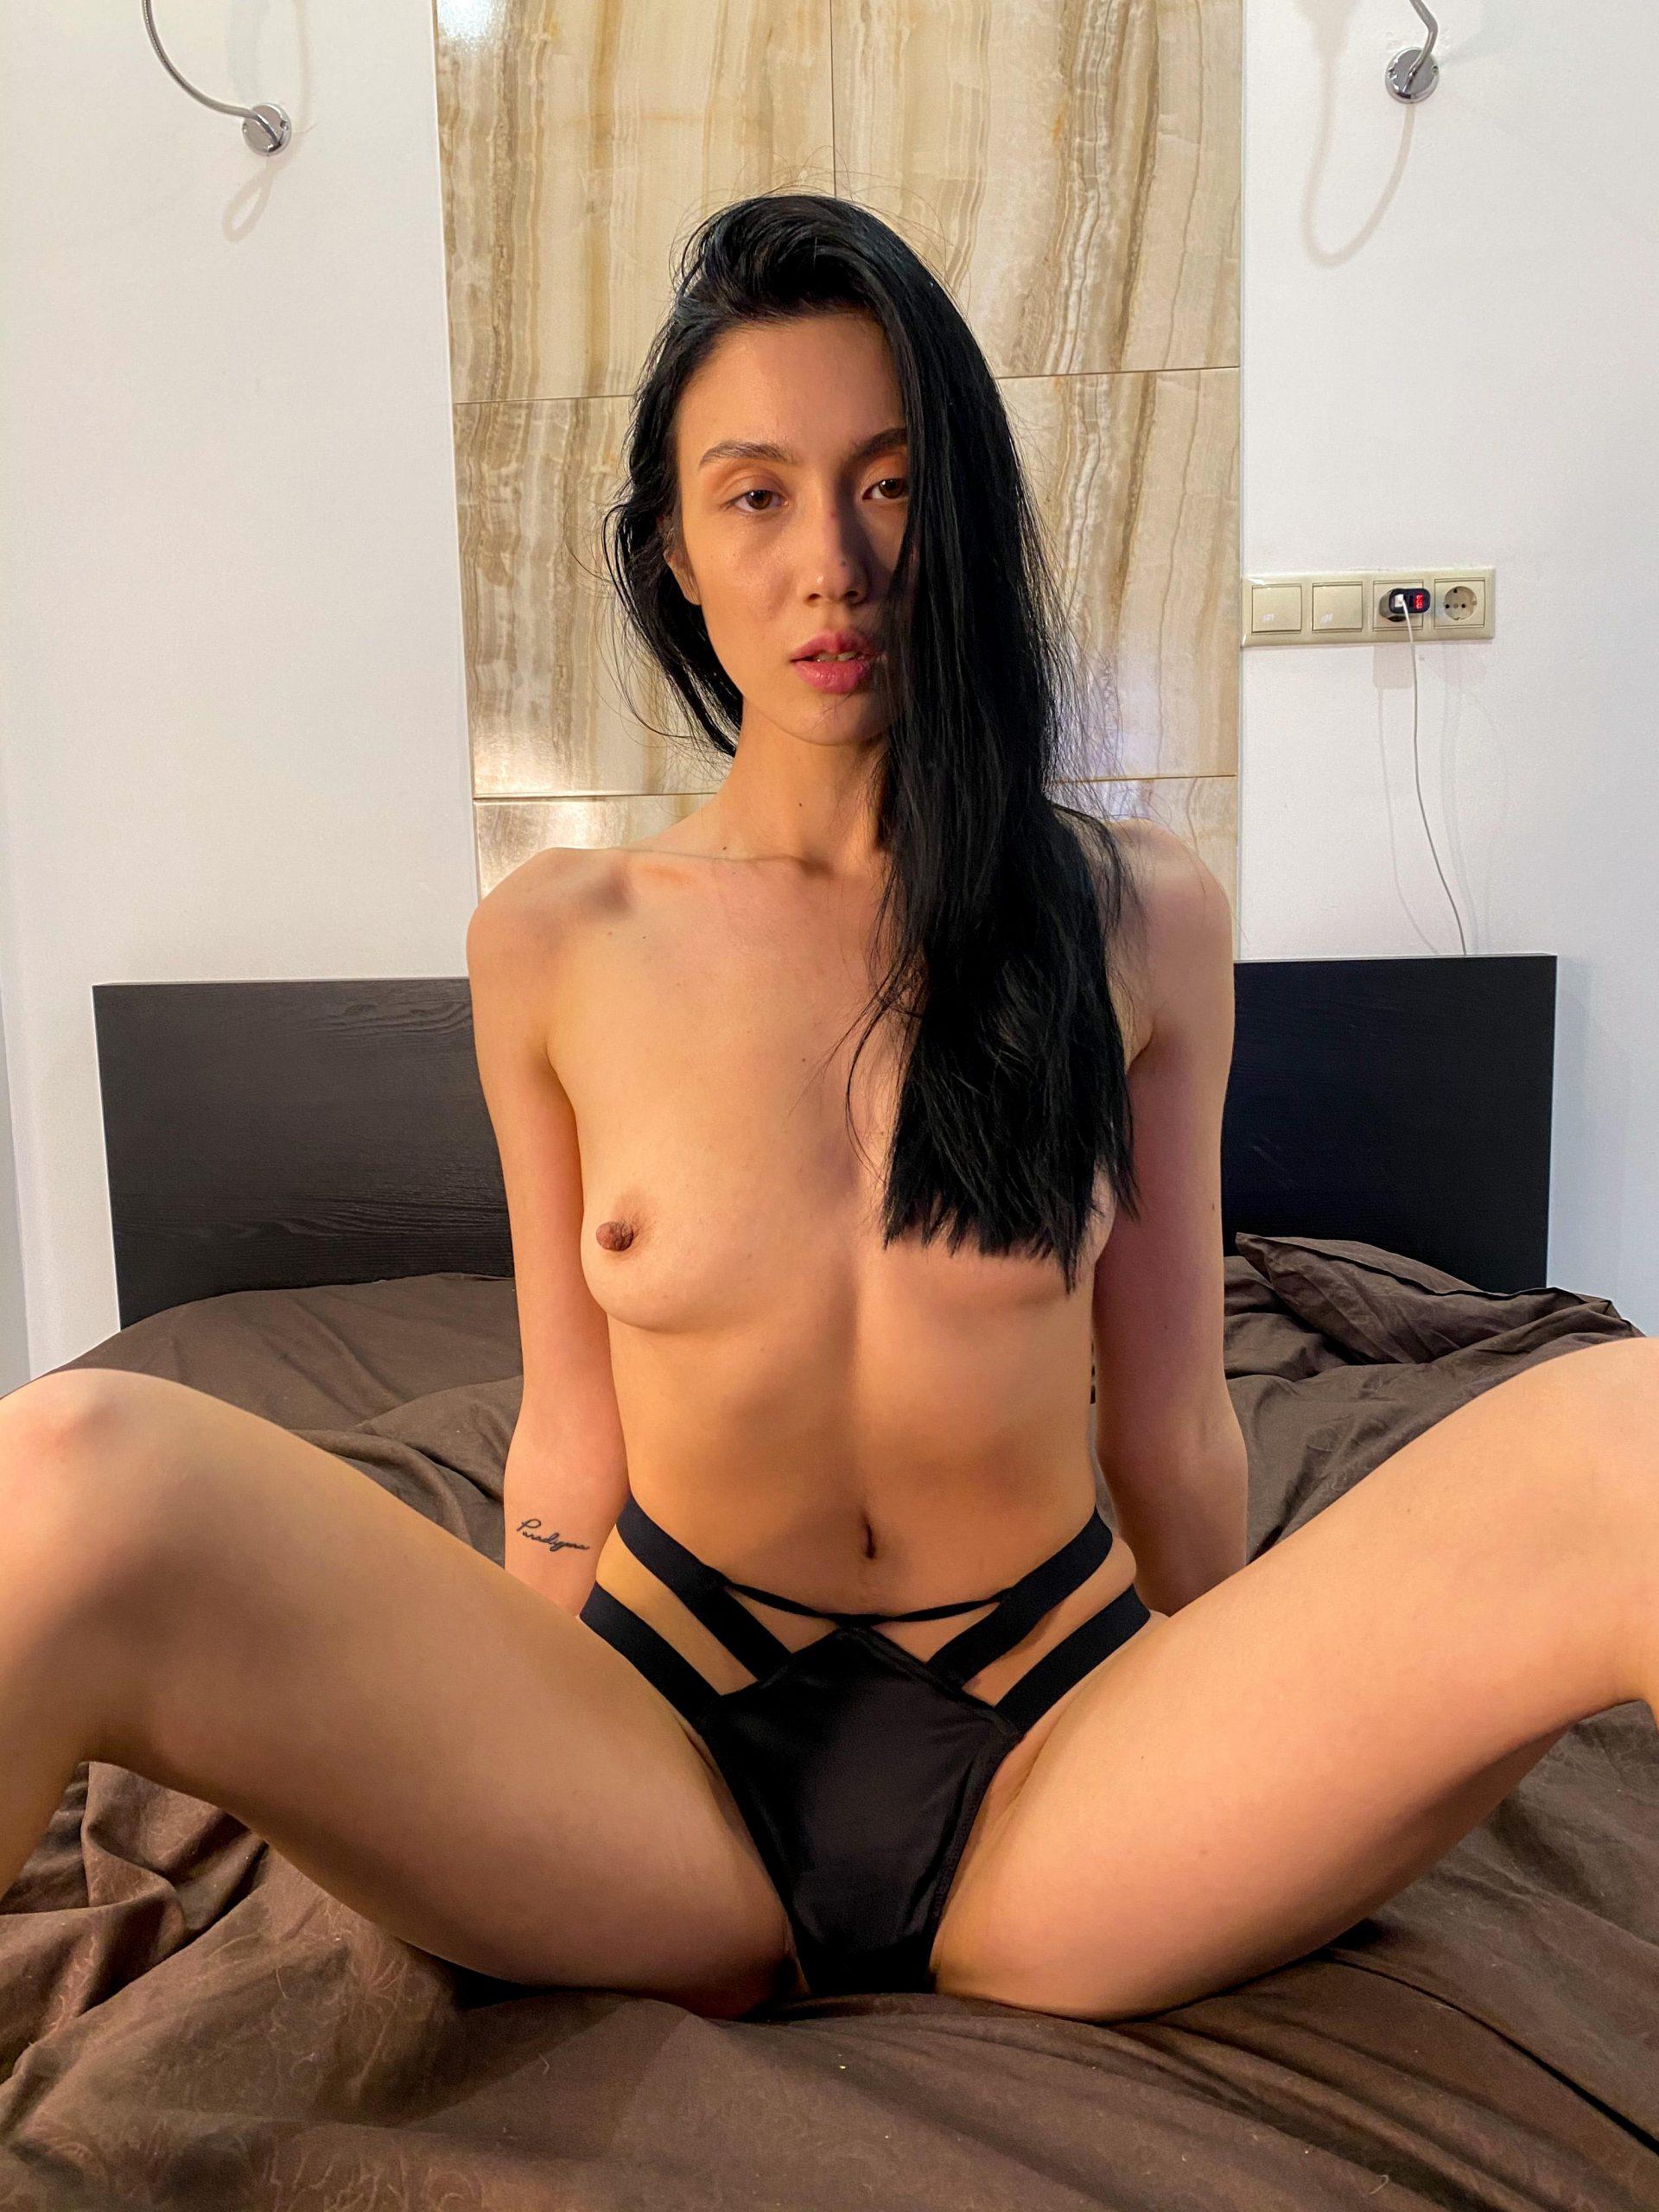 Do You Like Girls With A Booty Like Mine?